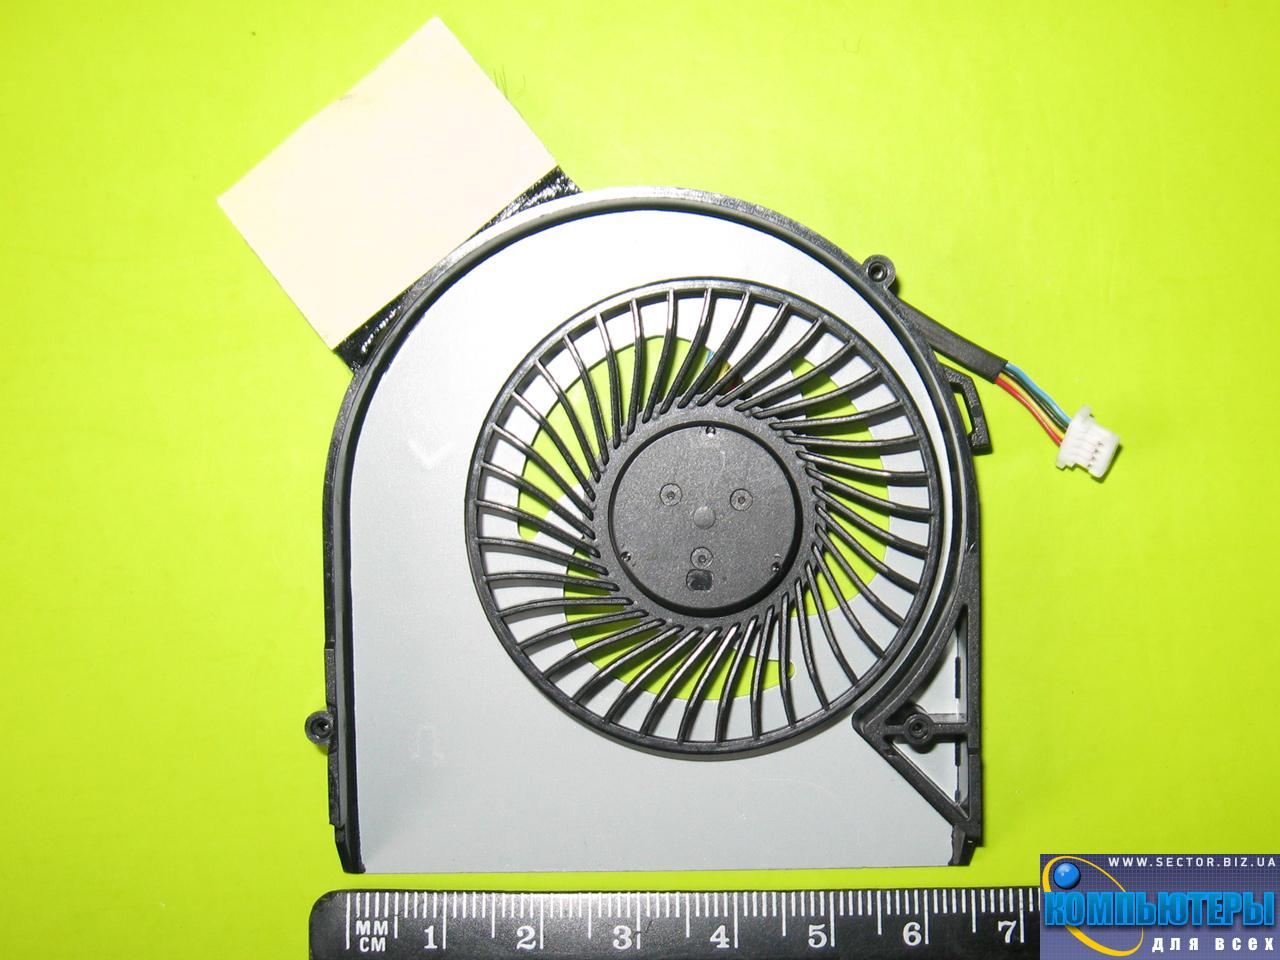 Кулер к ноутбуку Acer Aspire V5-471 V5-471G V5-531 V5-531G V5-571 V5-571G p/n: DFS481305MC0T FC38 23.10703.001. Фото № 4.